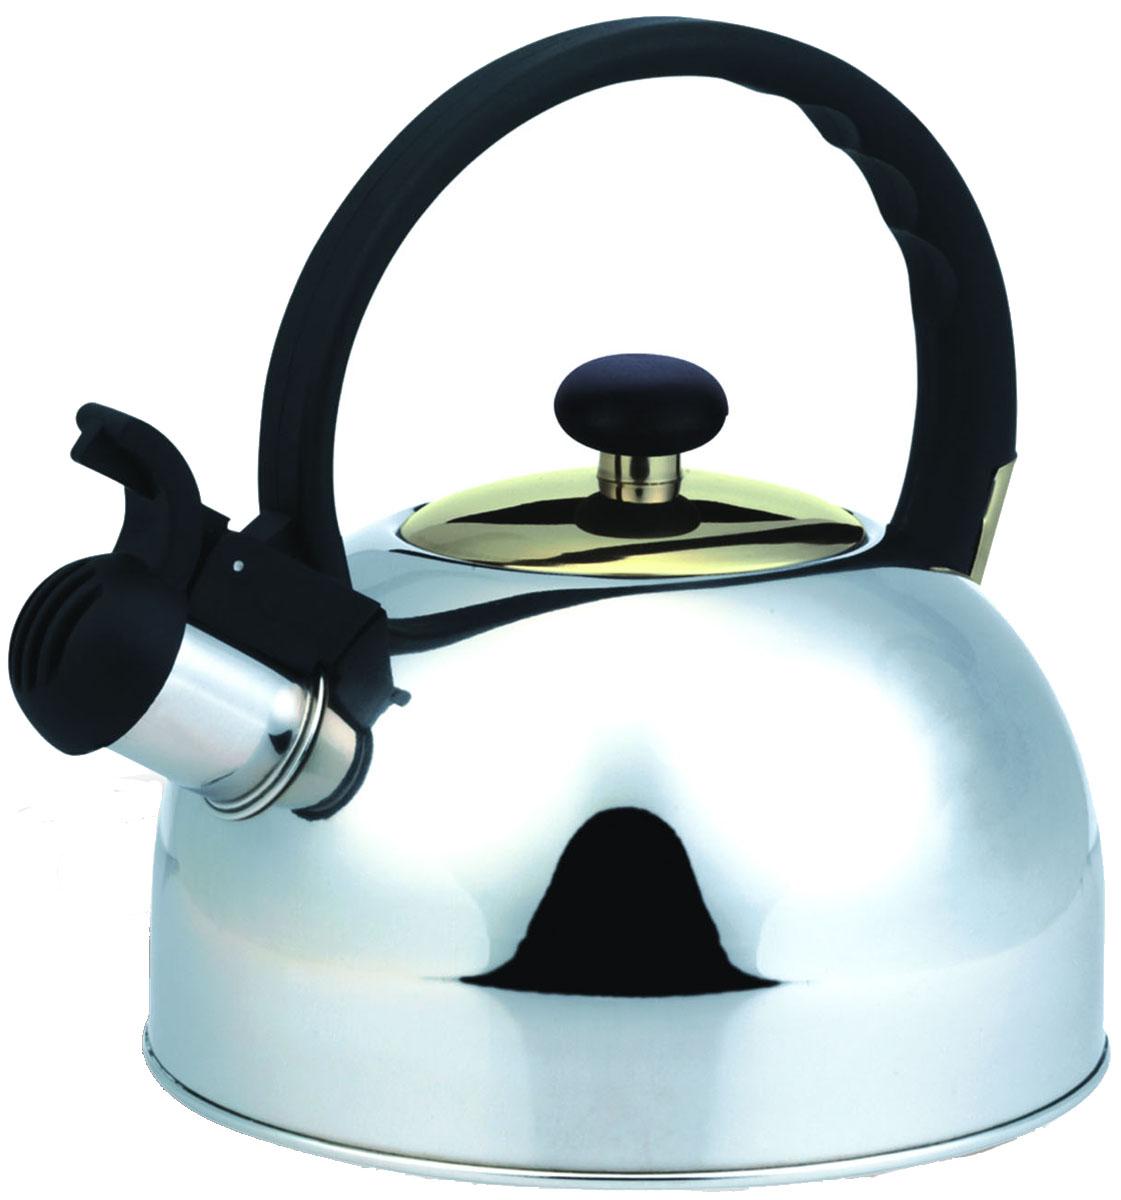 Чайник Irit, со свистком, цвет: серебристый, 2,5 лIRH-407Чайник из нержавеющей стали Объем 2,5 л, свисток, неподвижная не нагревающаяся ручка из термостойкого пластика, капсулированное дно с алюминиевой прослойкой